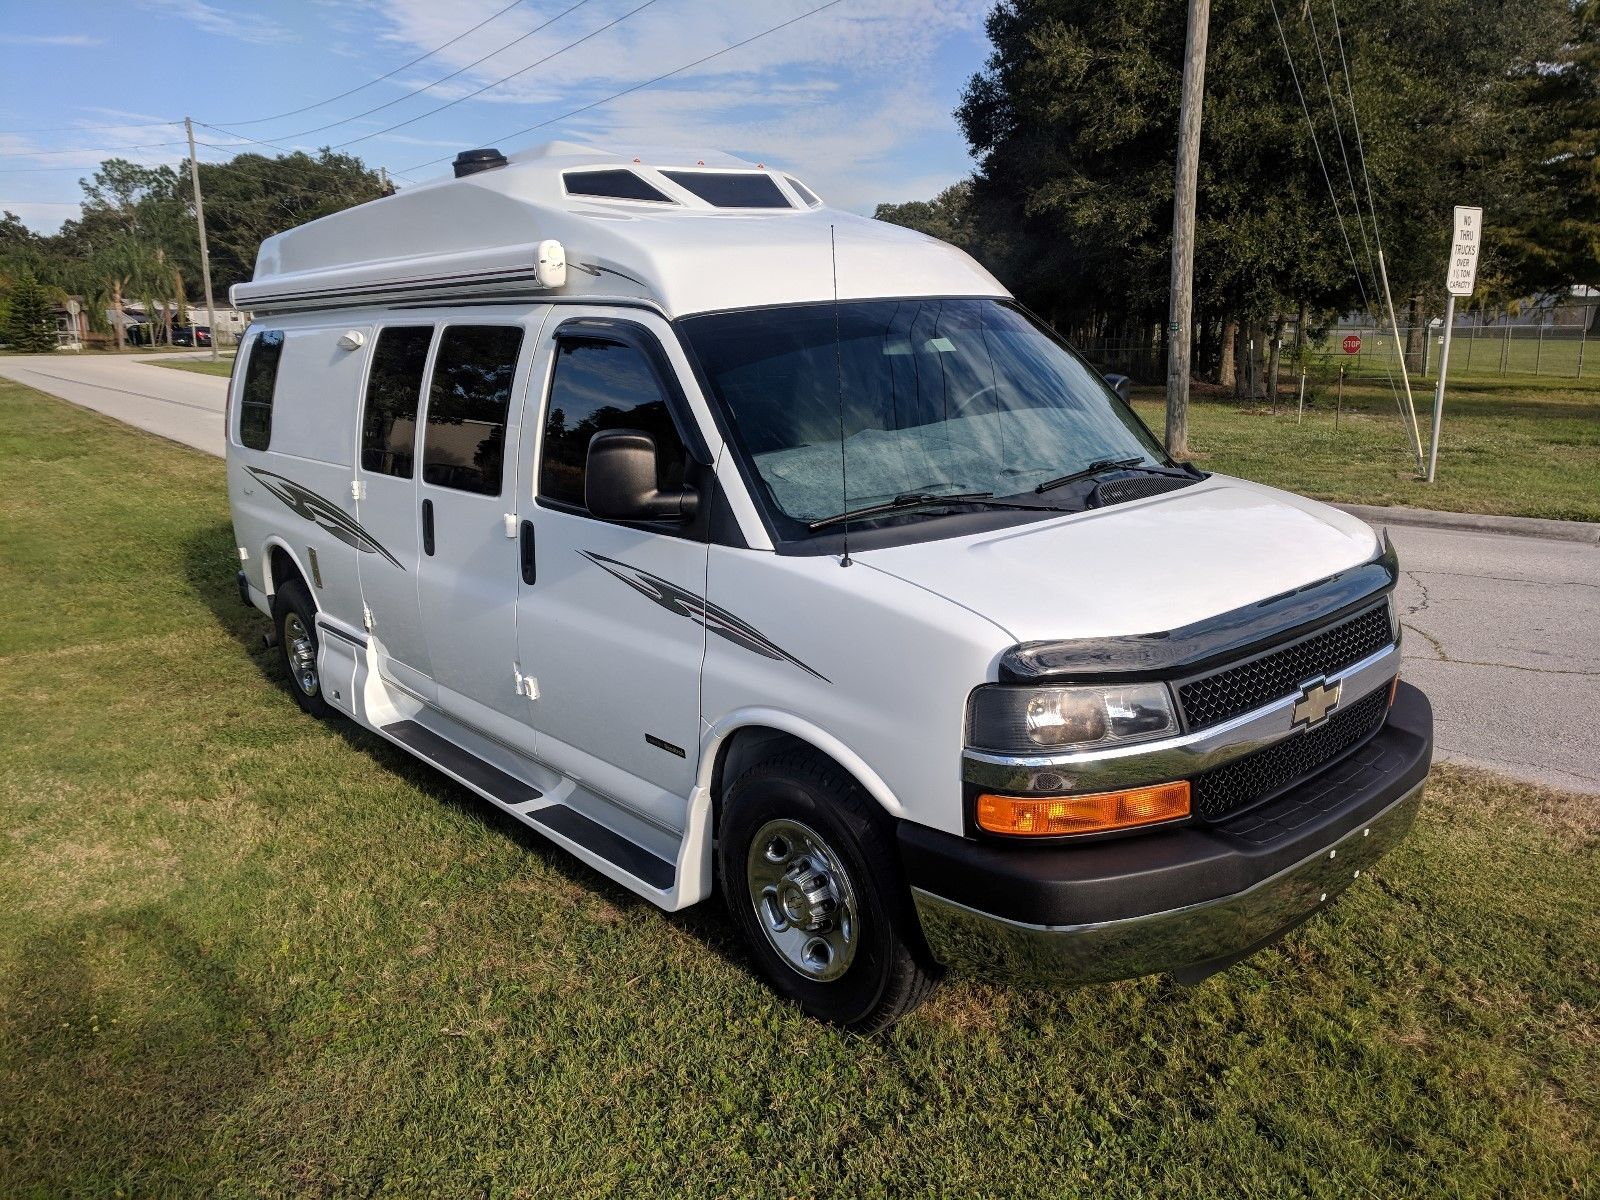 low miles 2014 Roadtrek Ranger RT camper for sale